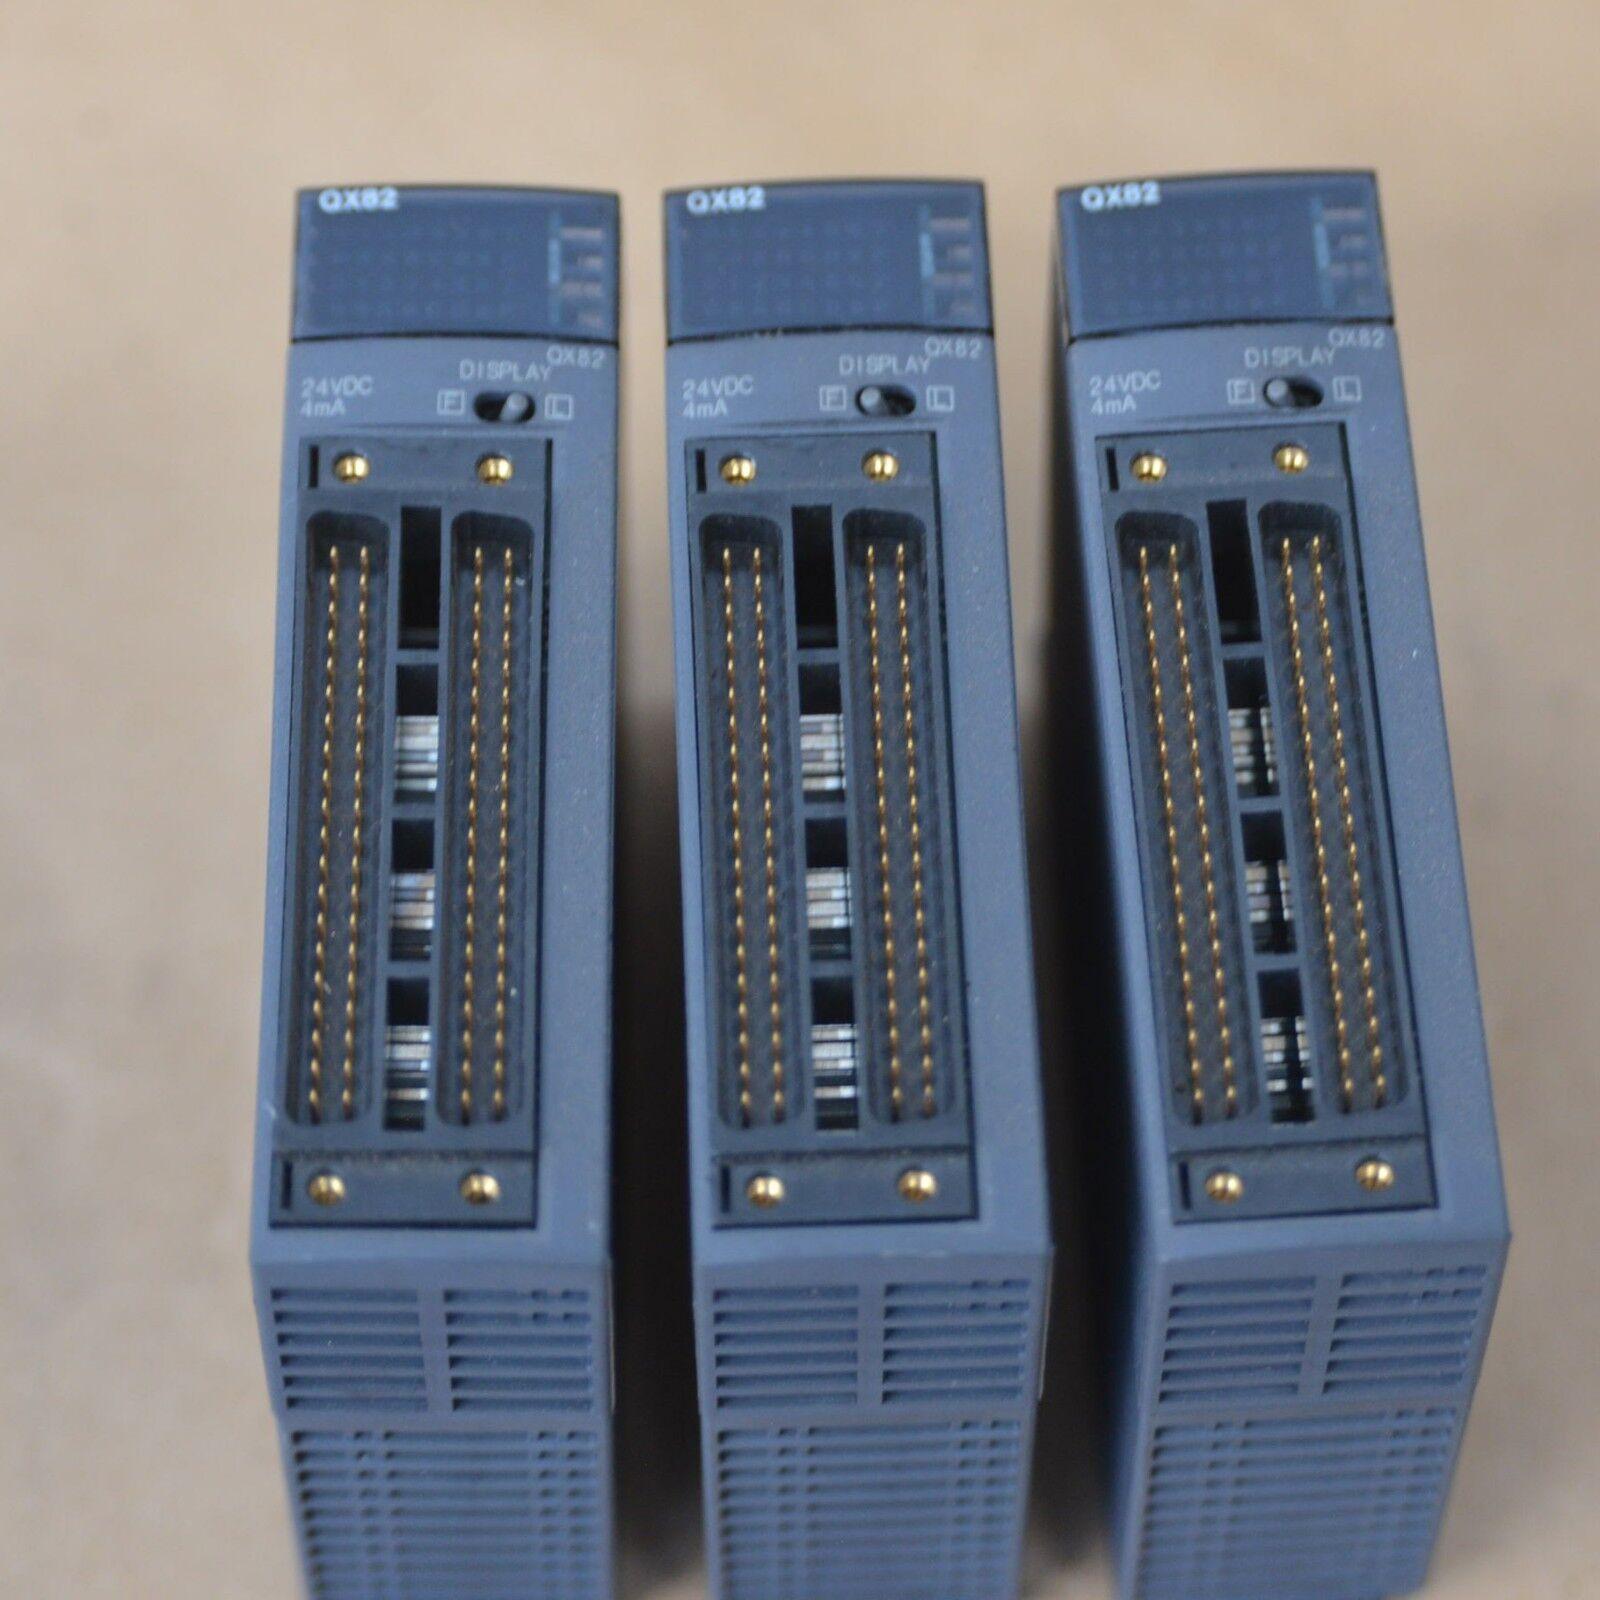 Mitsubishi Melsec PLC QX82 INPUT UNIT MELSEC-Q